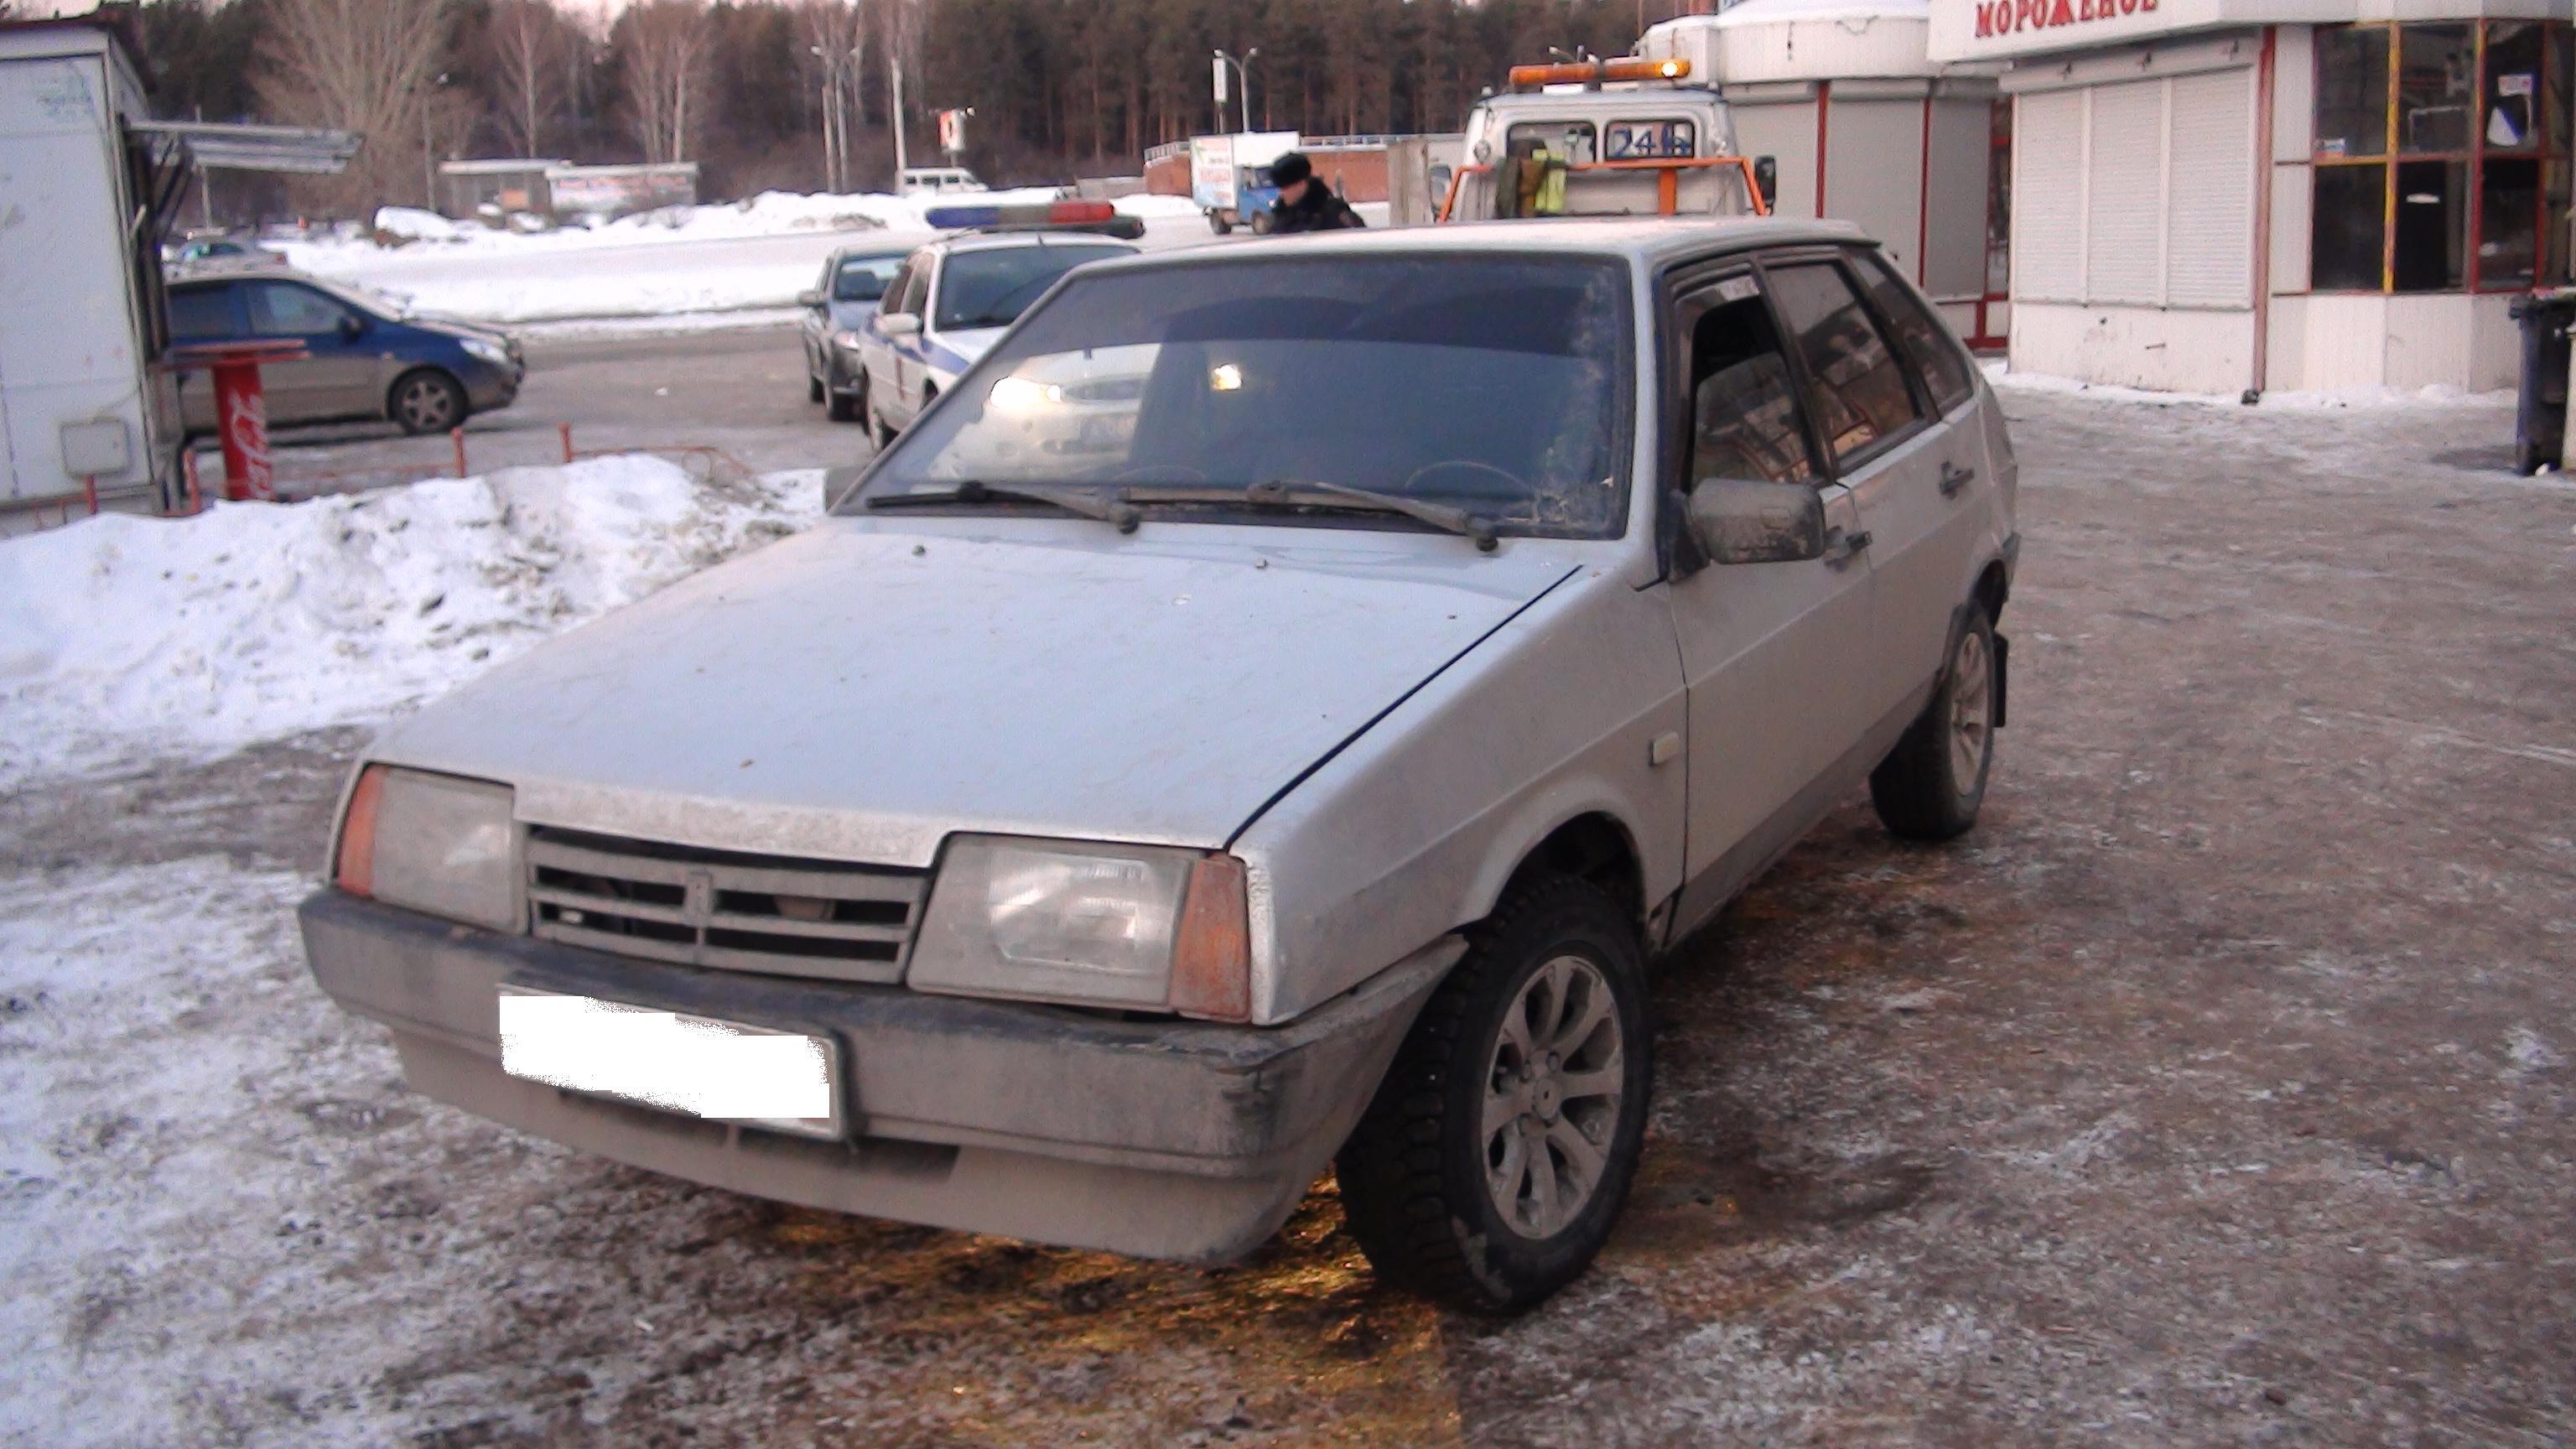 Пролетел на красный: на Сыромолотова лихач на «девятке» сбил пешехода